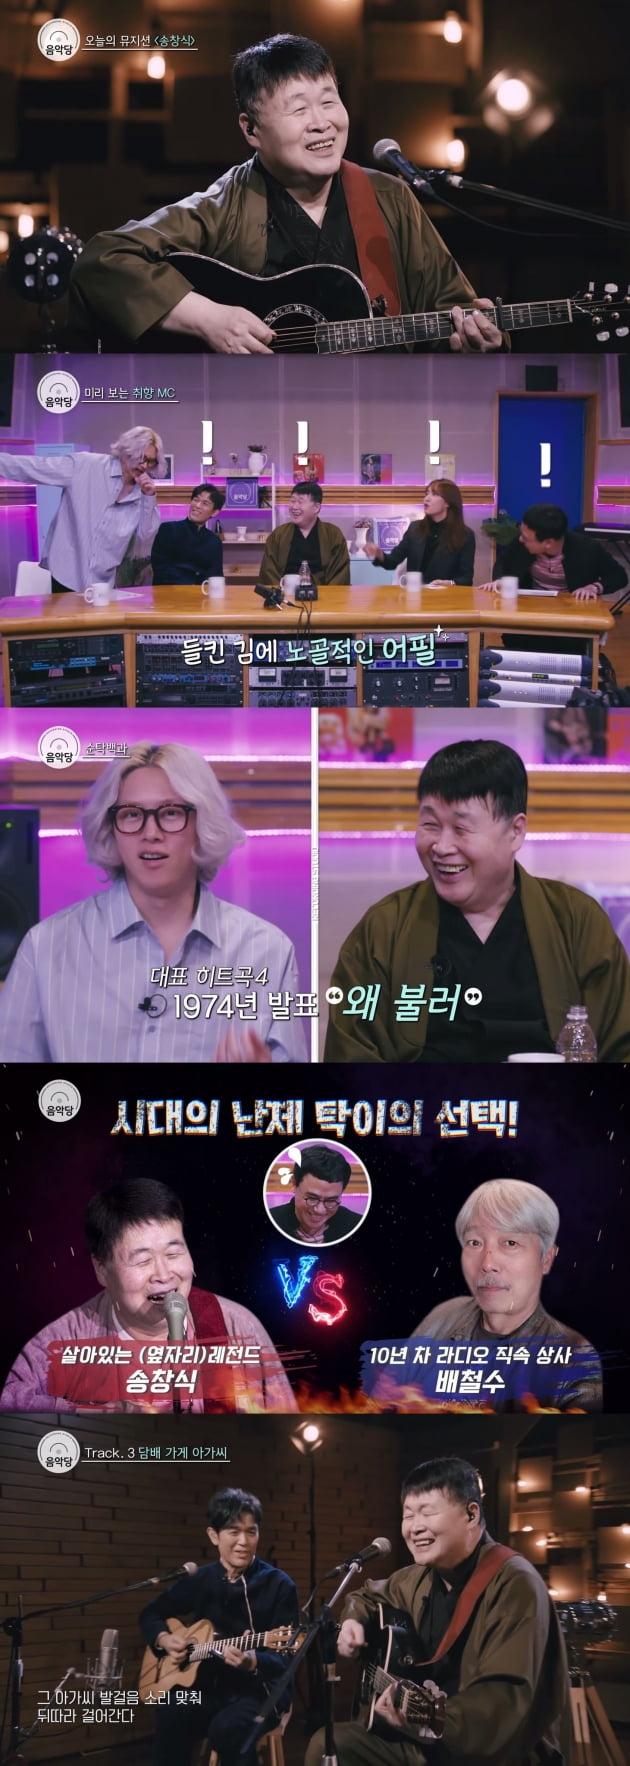 """'음악당' 송창식, 슈주 김희철과 교집합?…""""주제 넘는 게 비슷"""""""